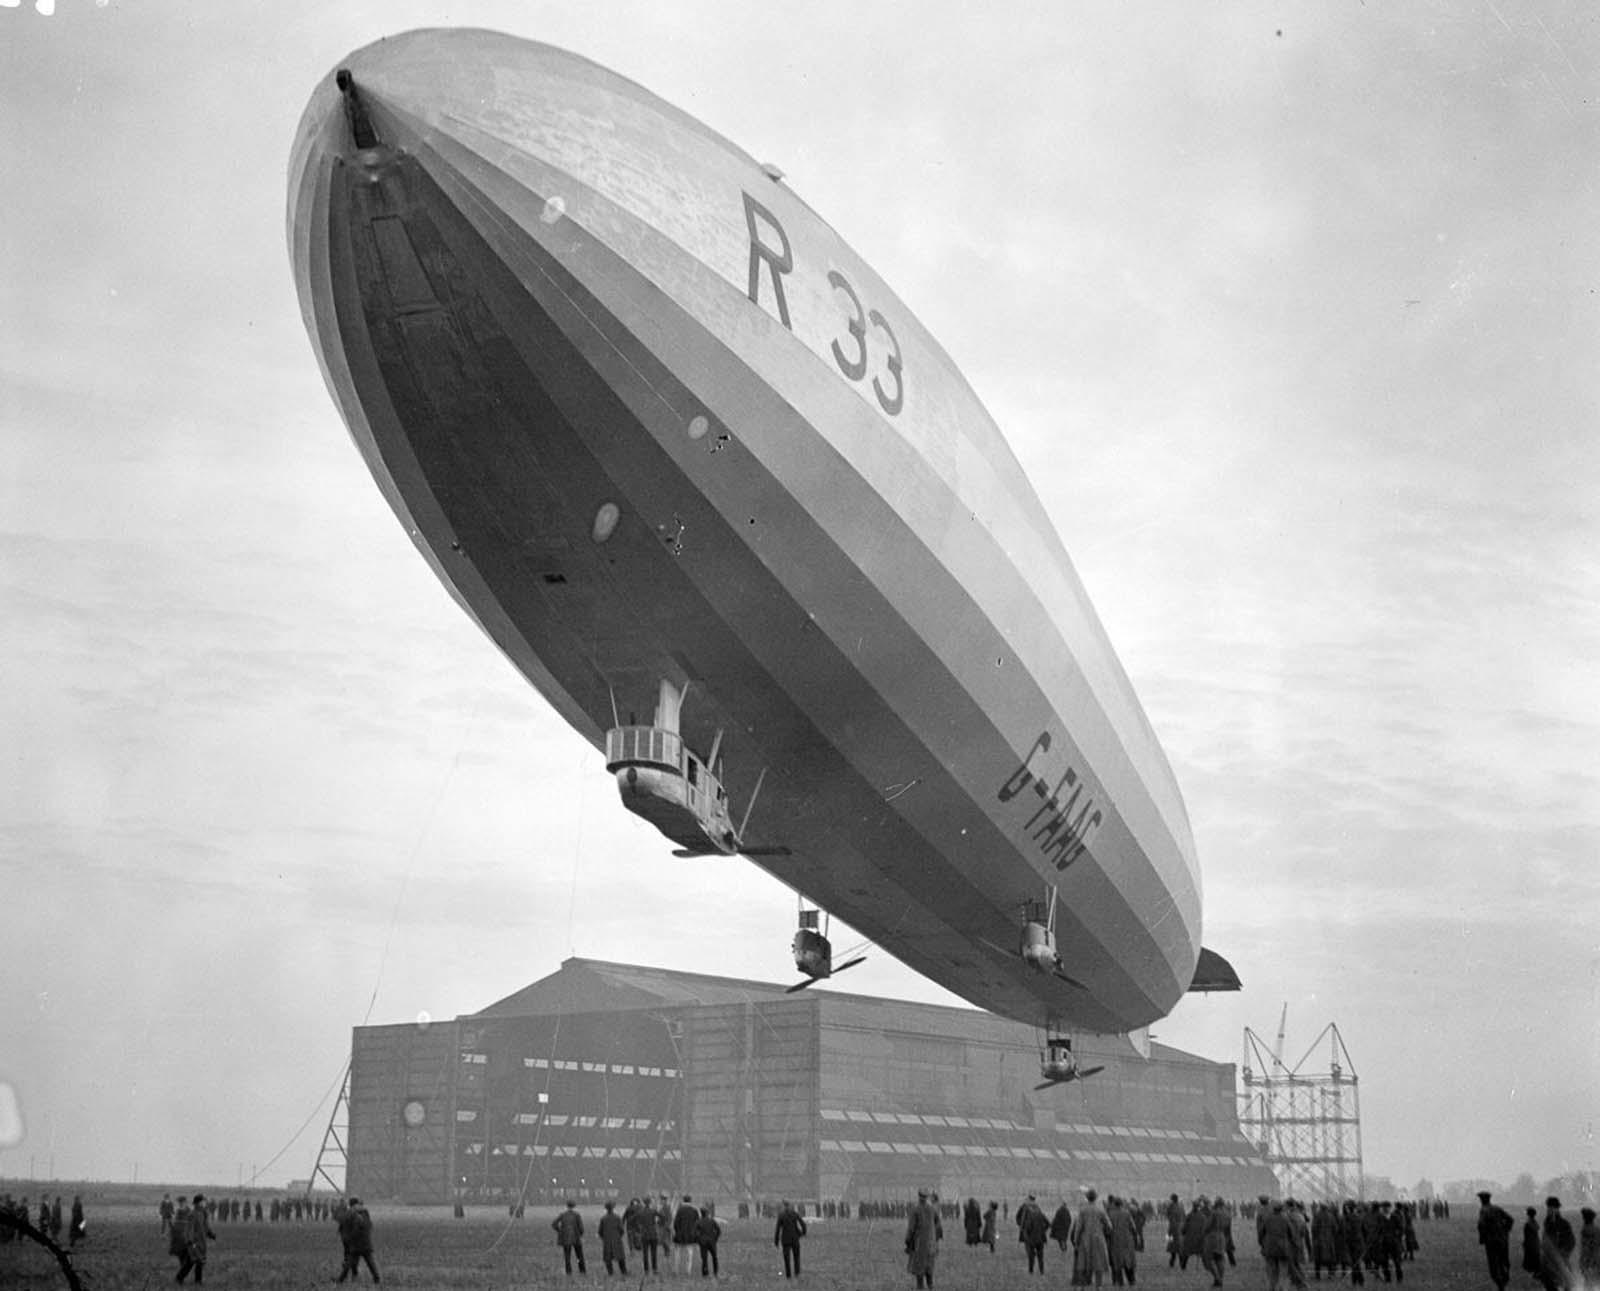 Le dirigeable R33 en images étonnantes, 1919-1925